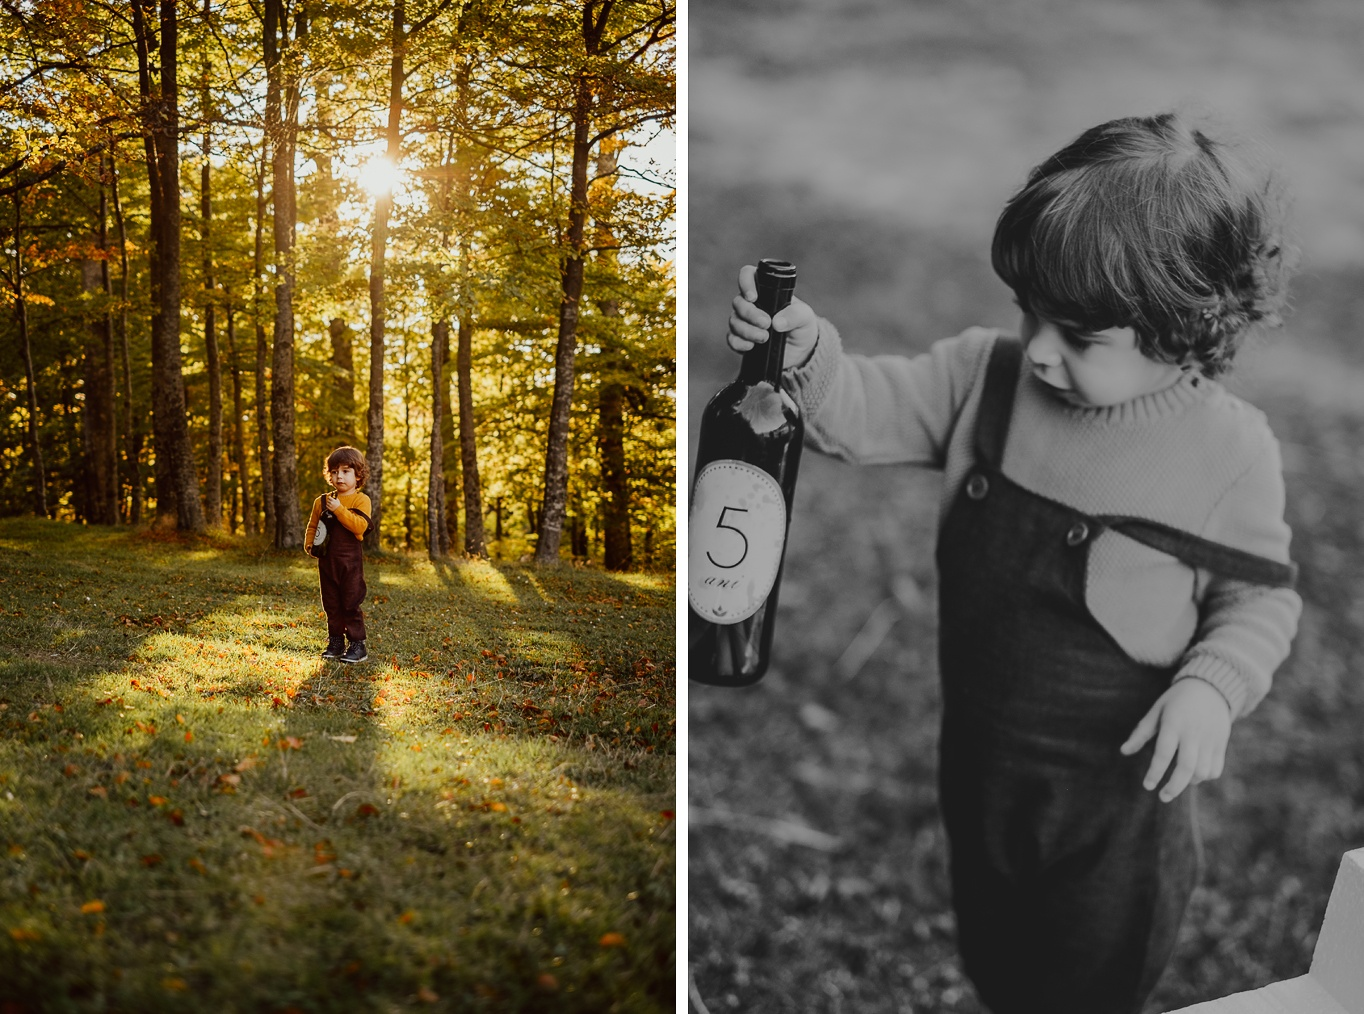 fotograf-nunta-cununie-civila-fotografie-bucuresti-photographer